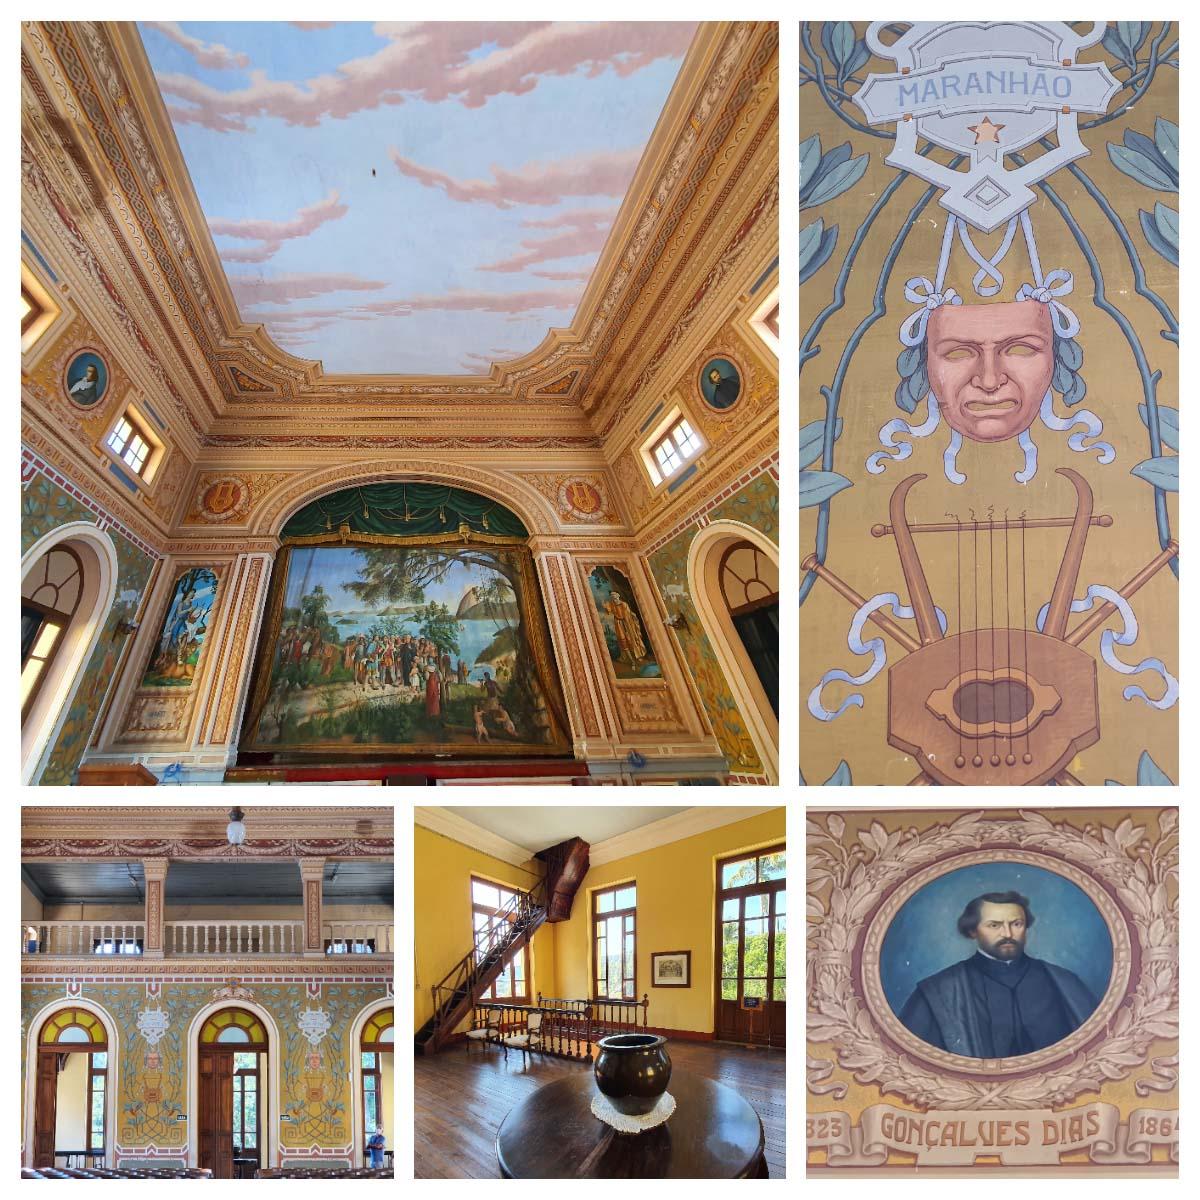 Teatro Eugênia no colégio Anchieta em Nova Friburgo.